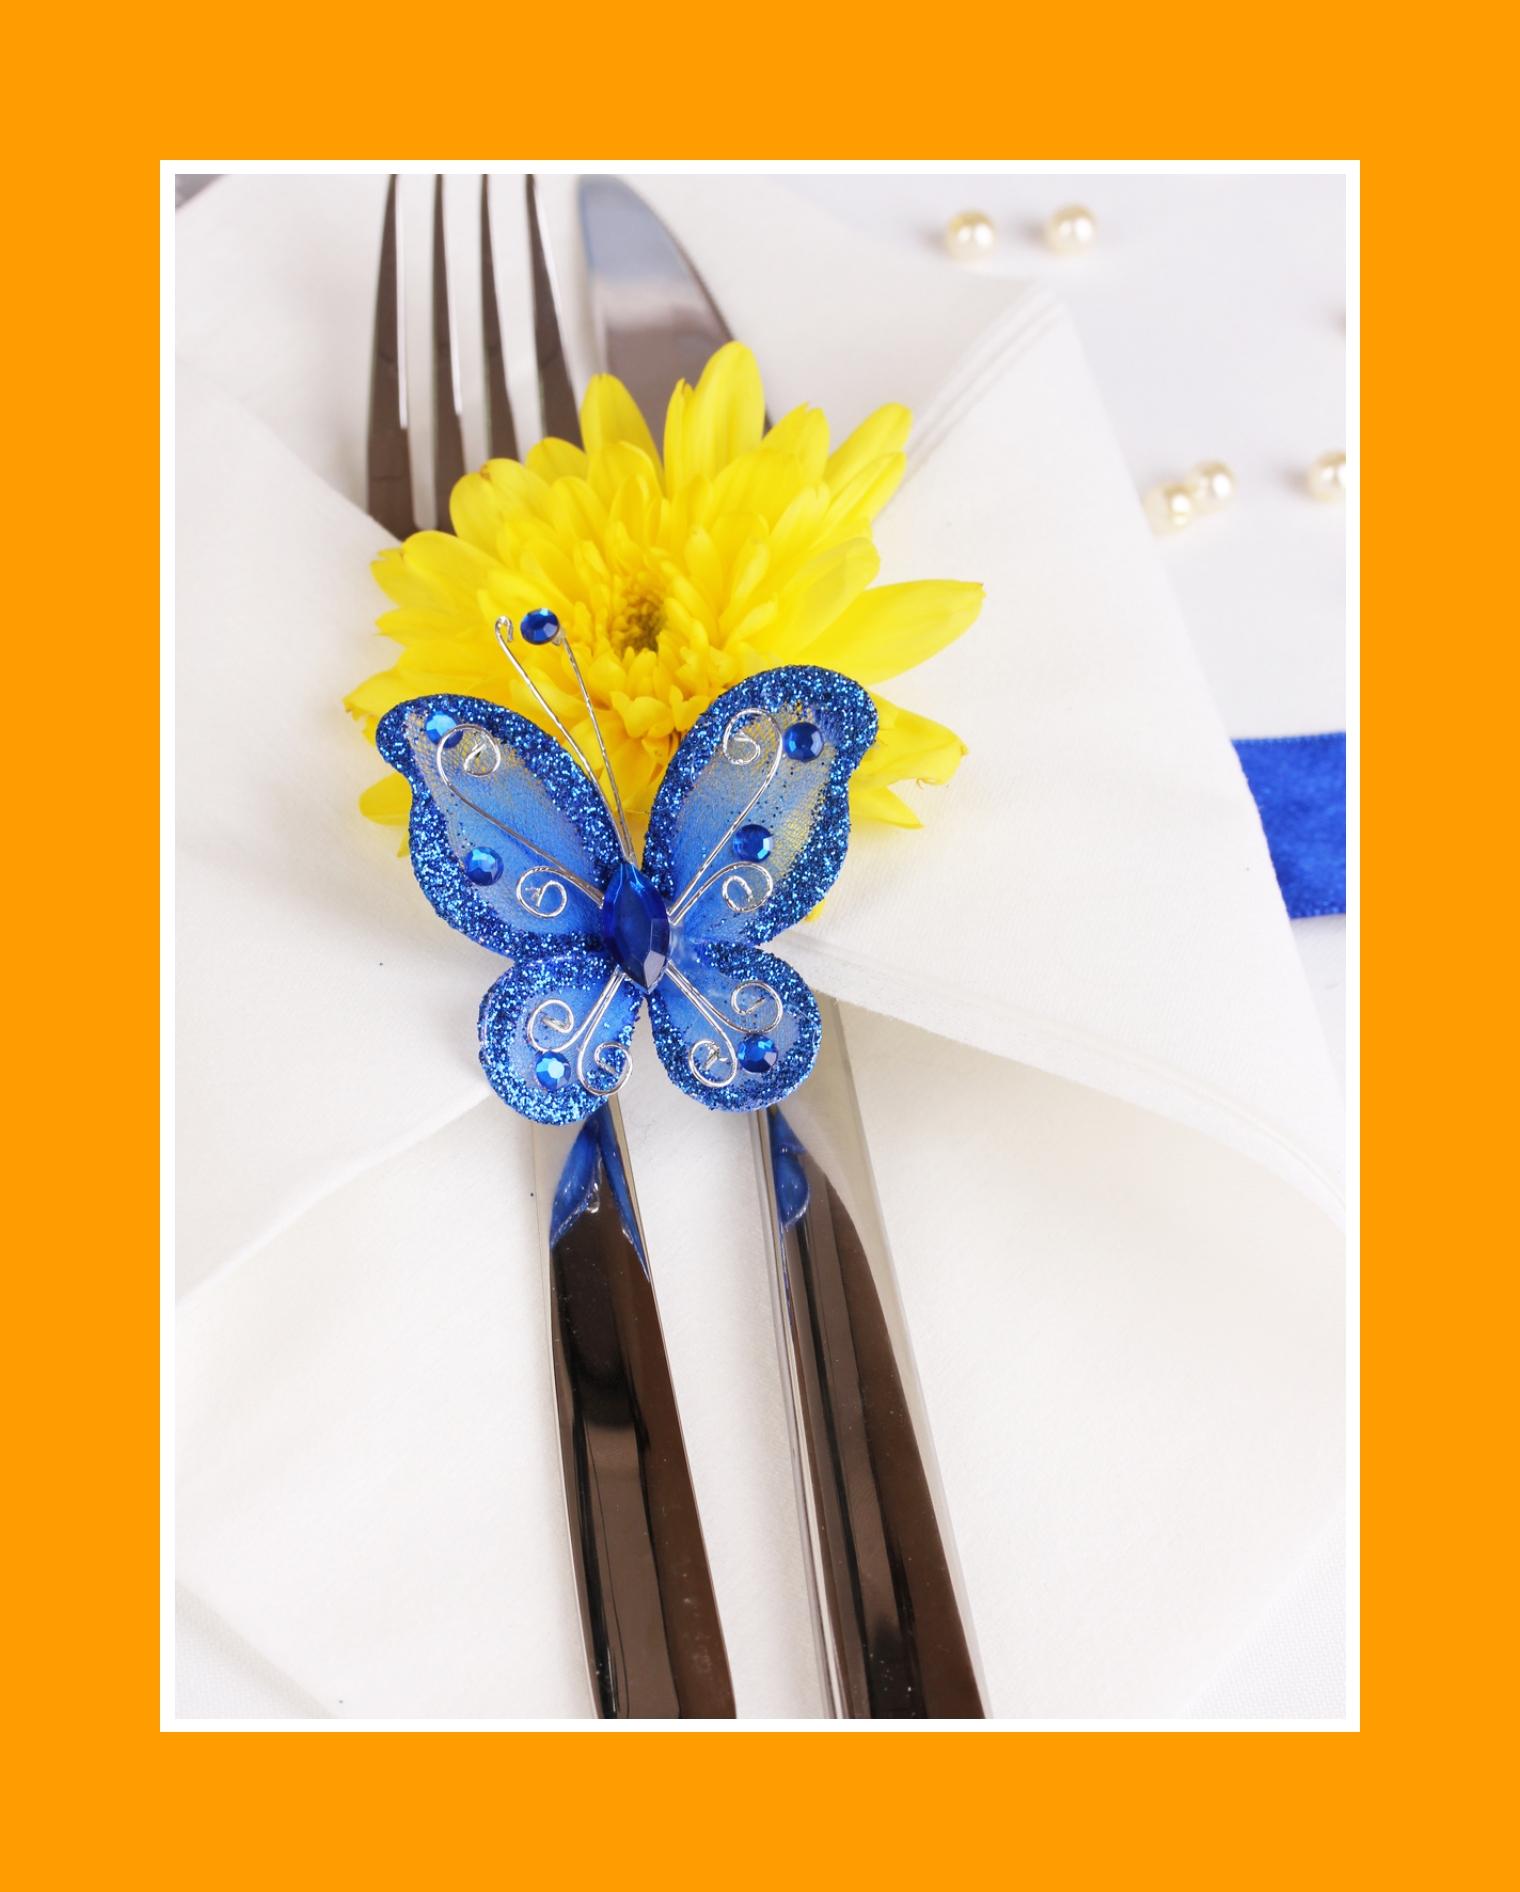 Dekoration mit Schmetterling Servietten Hochzeit